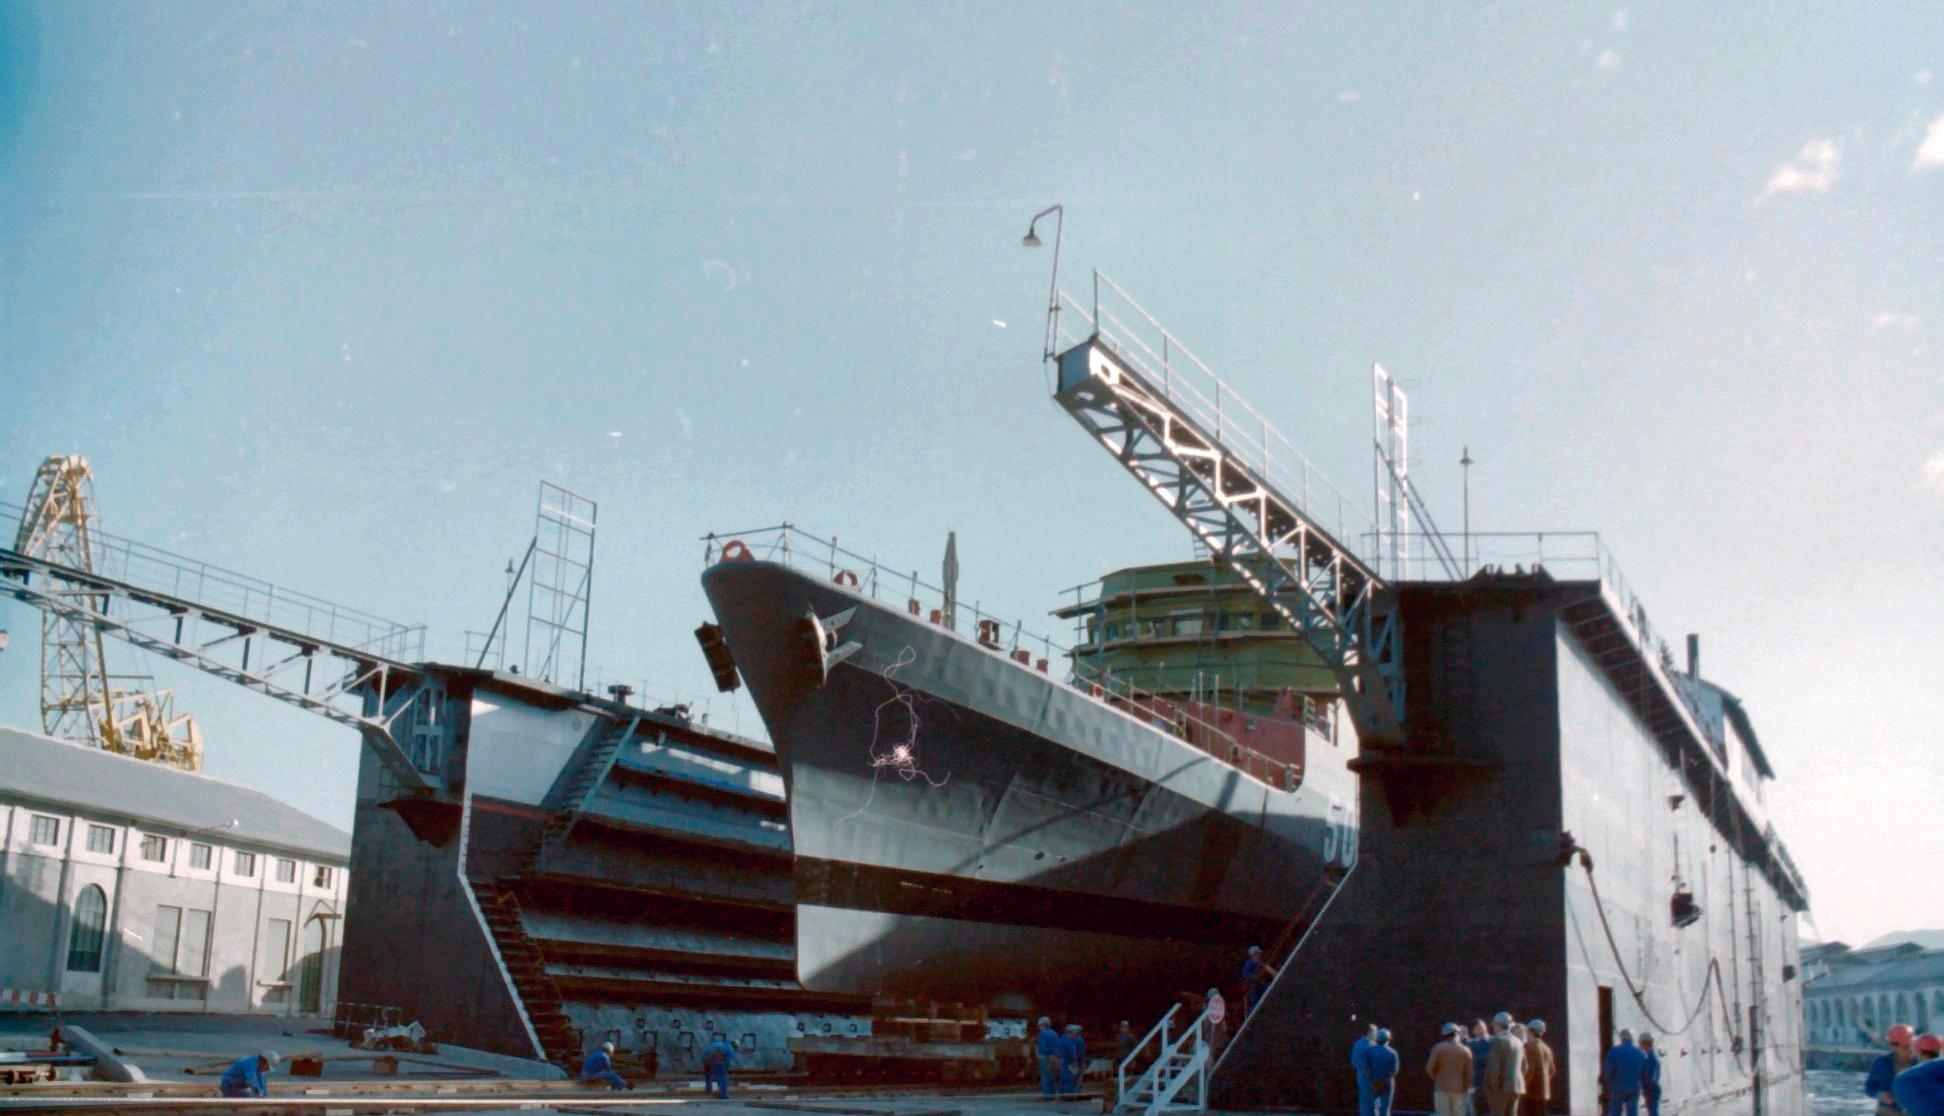 Royal Moroccan Navy Descubierta Frigate / Corvette Lt Cl Errahmani - Bâtiment École - Page 4 Clipb487